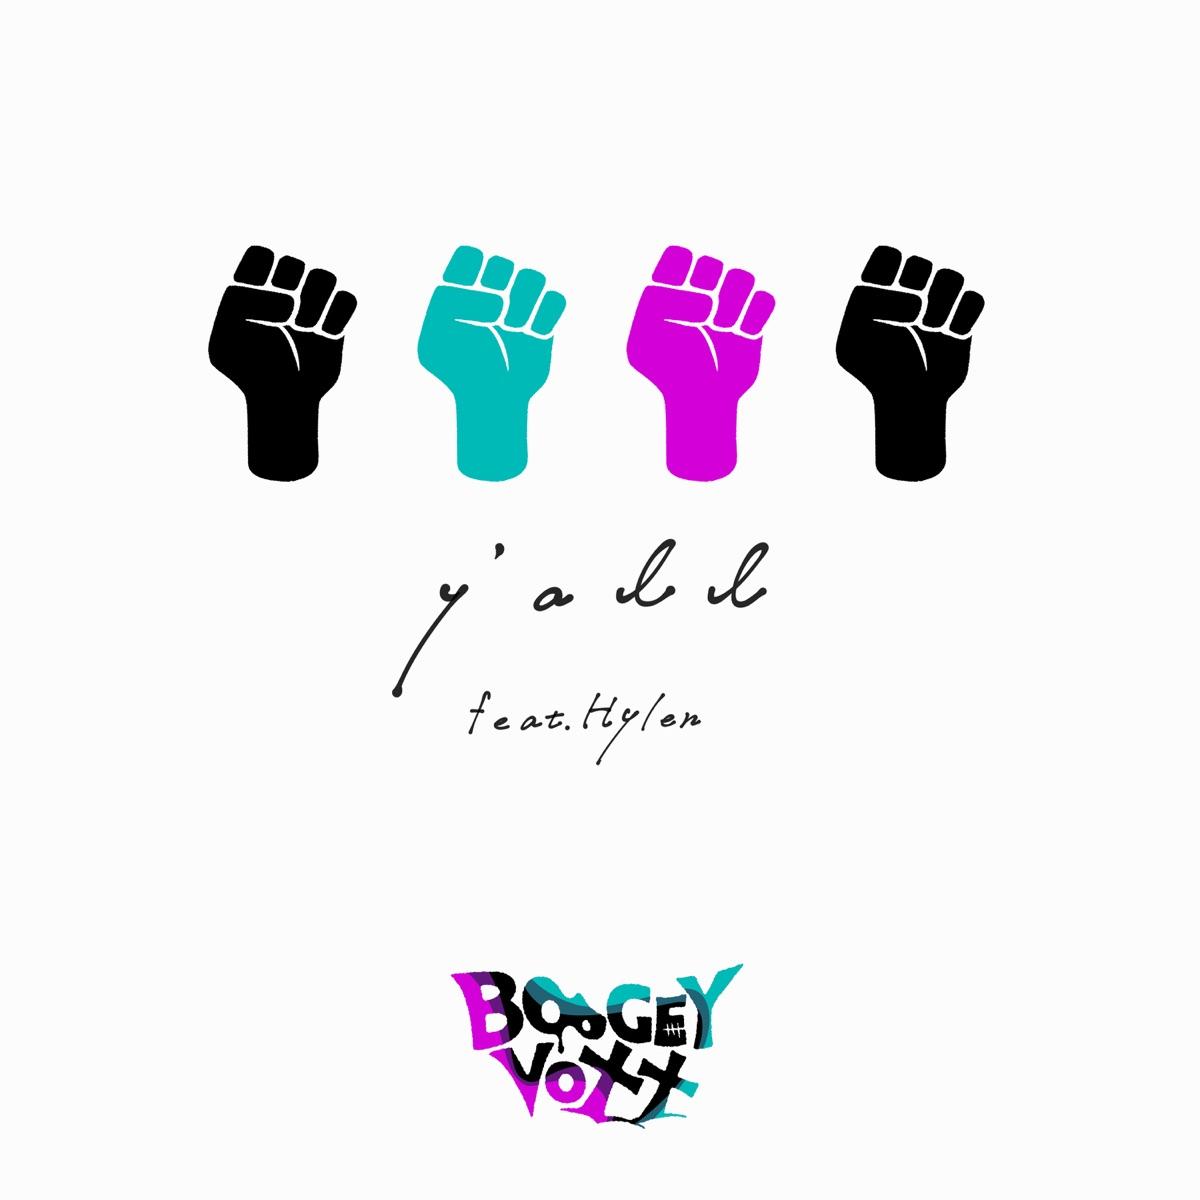 『BOOGEY VOXX - y'all (feat. Hylen)』収録の『y'all (feat. Hylen)』ジャケット